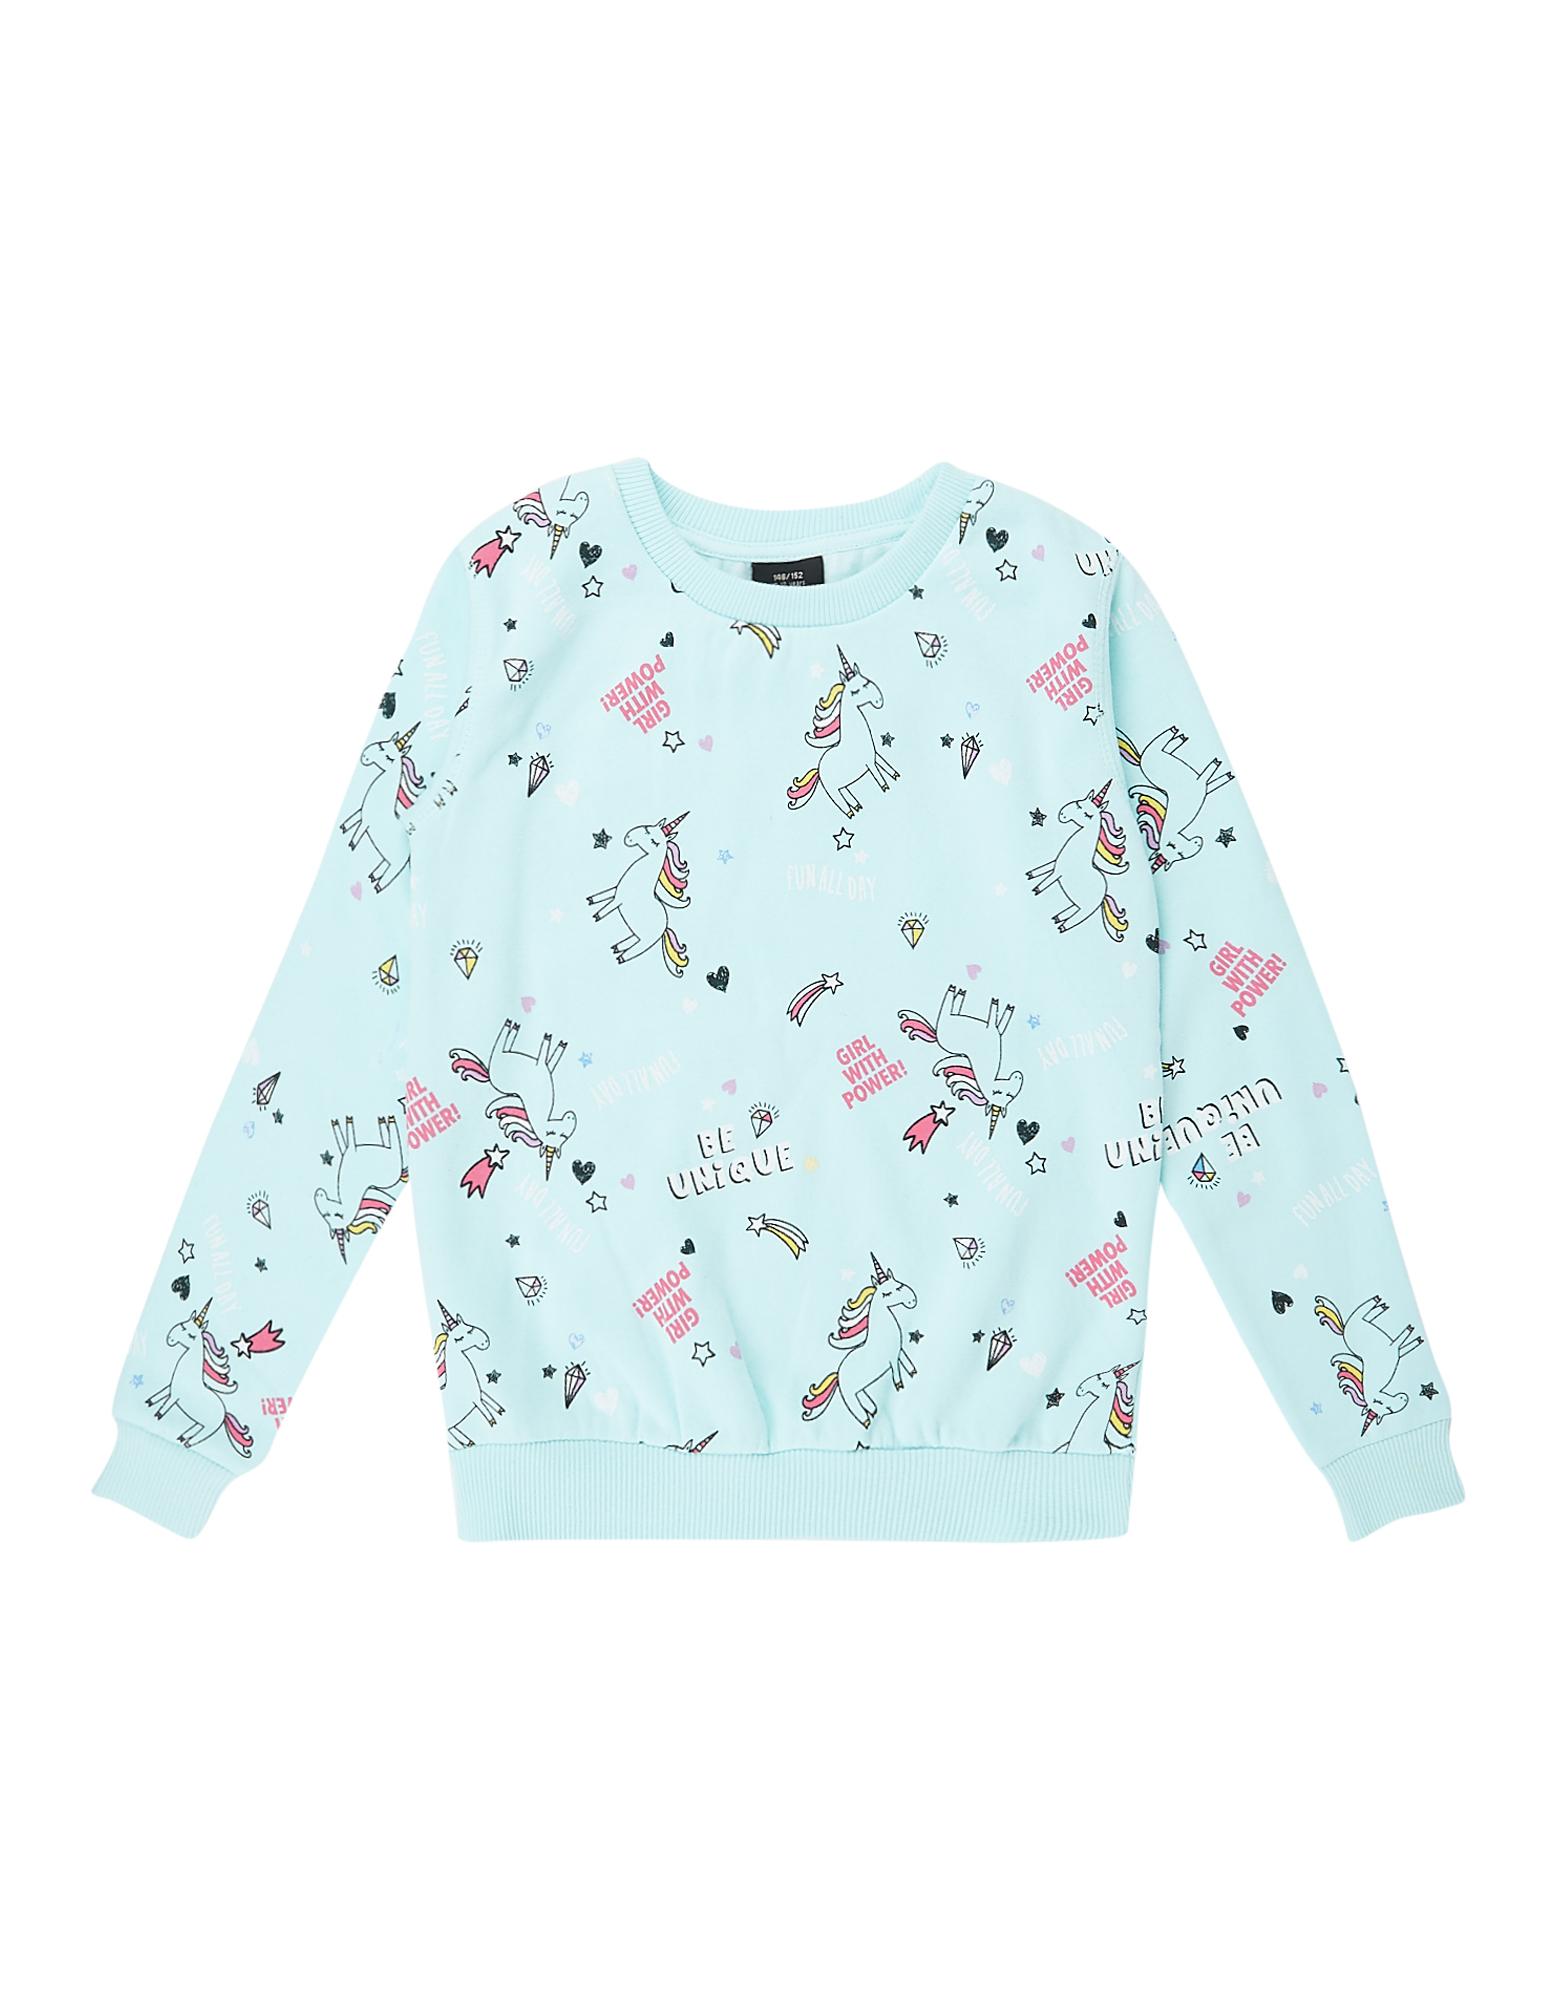 Mädchen Sweatshirt mit Allover-Print  | 81486375030203